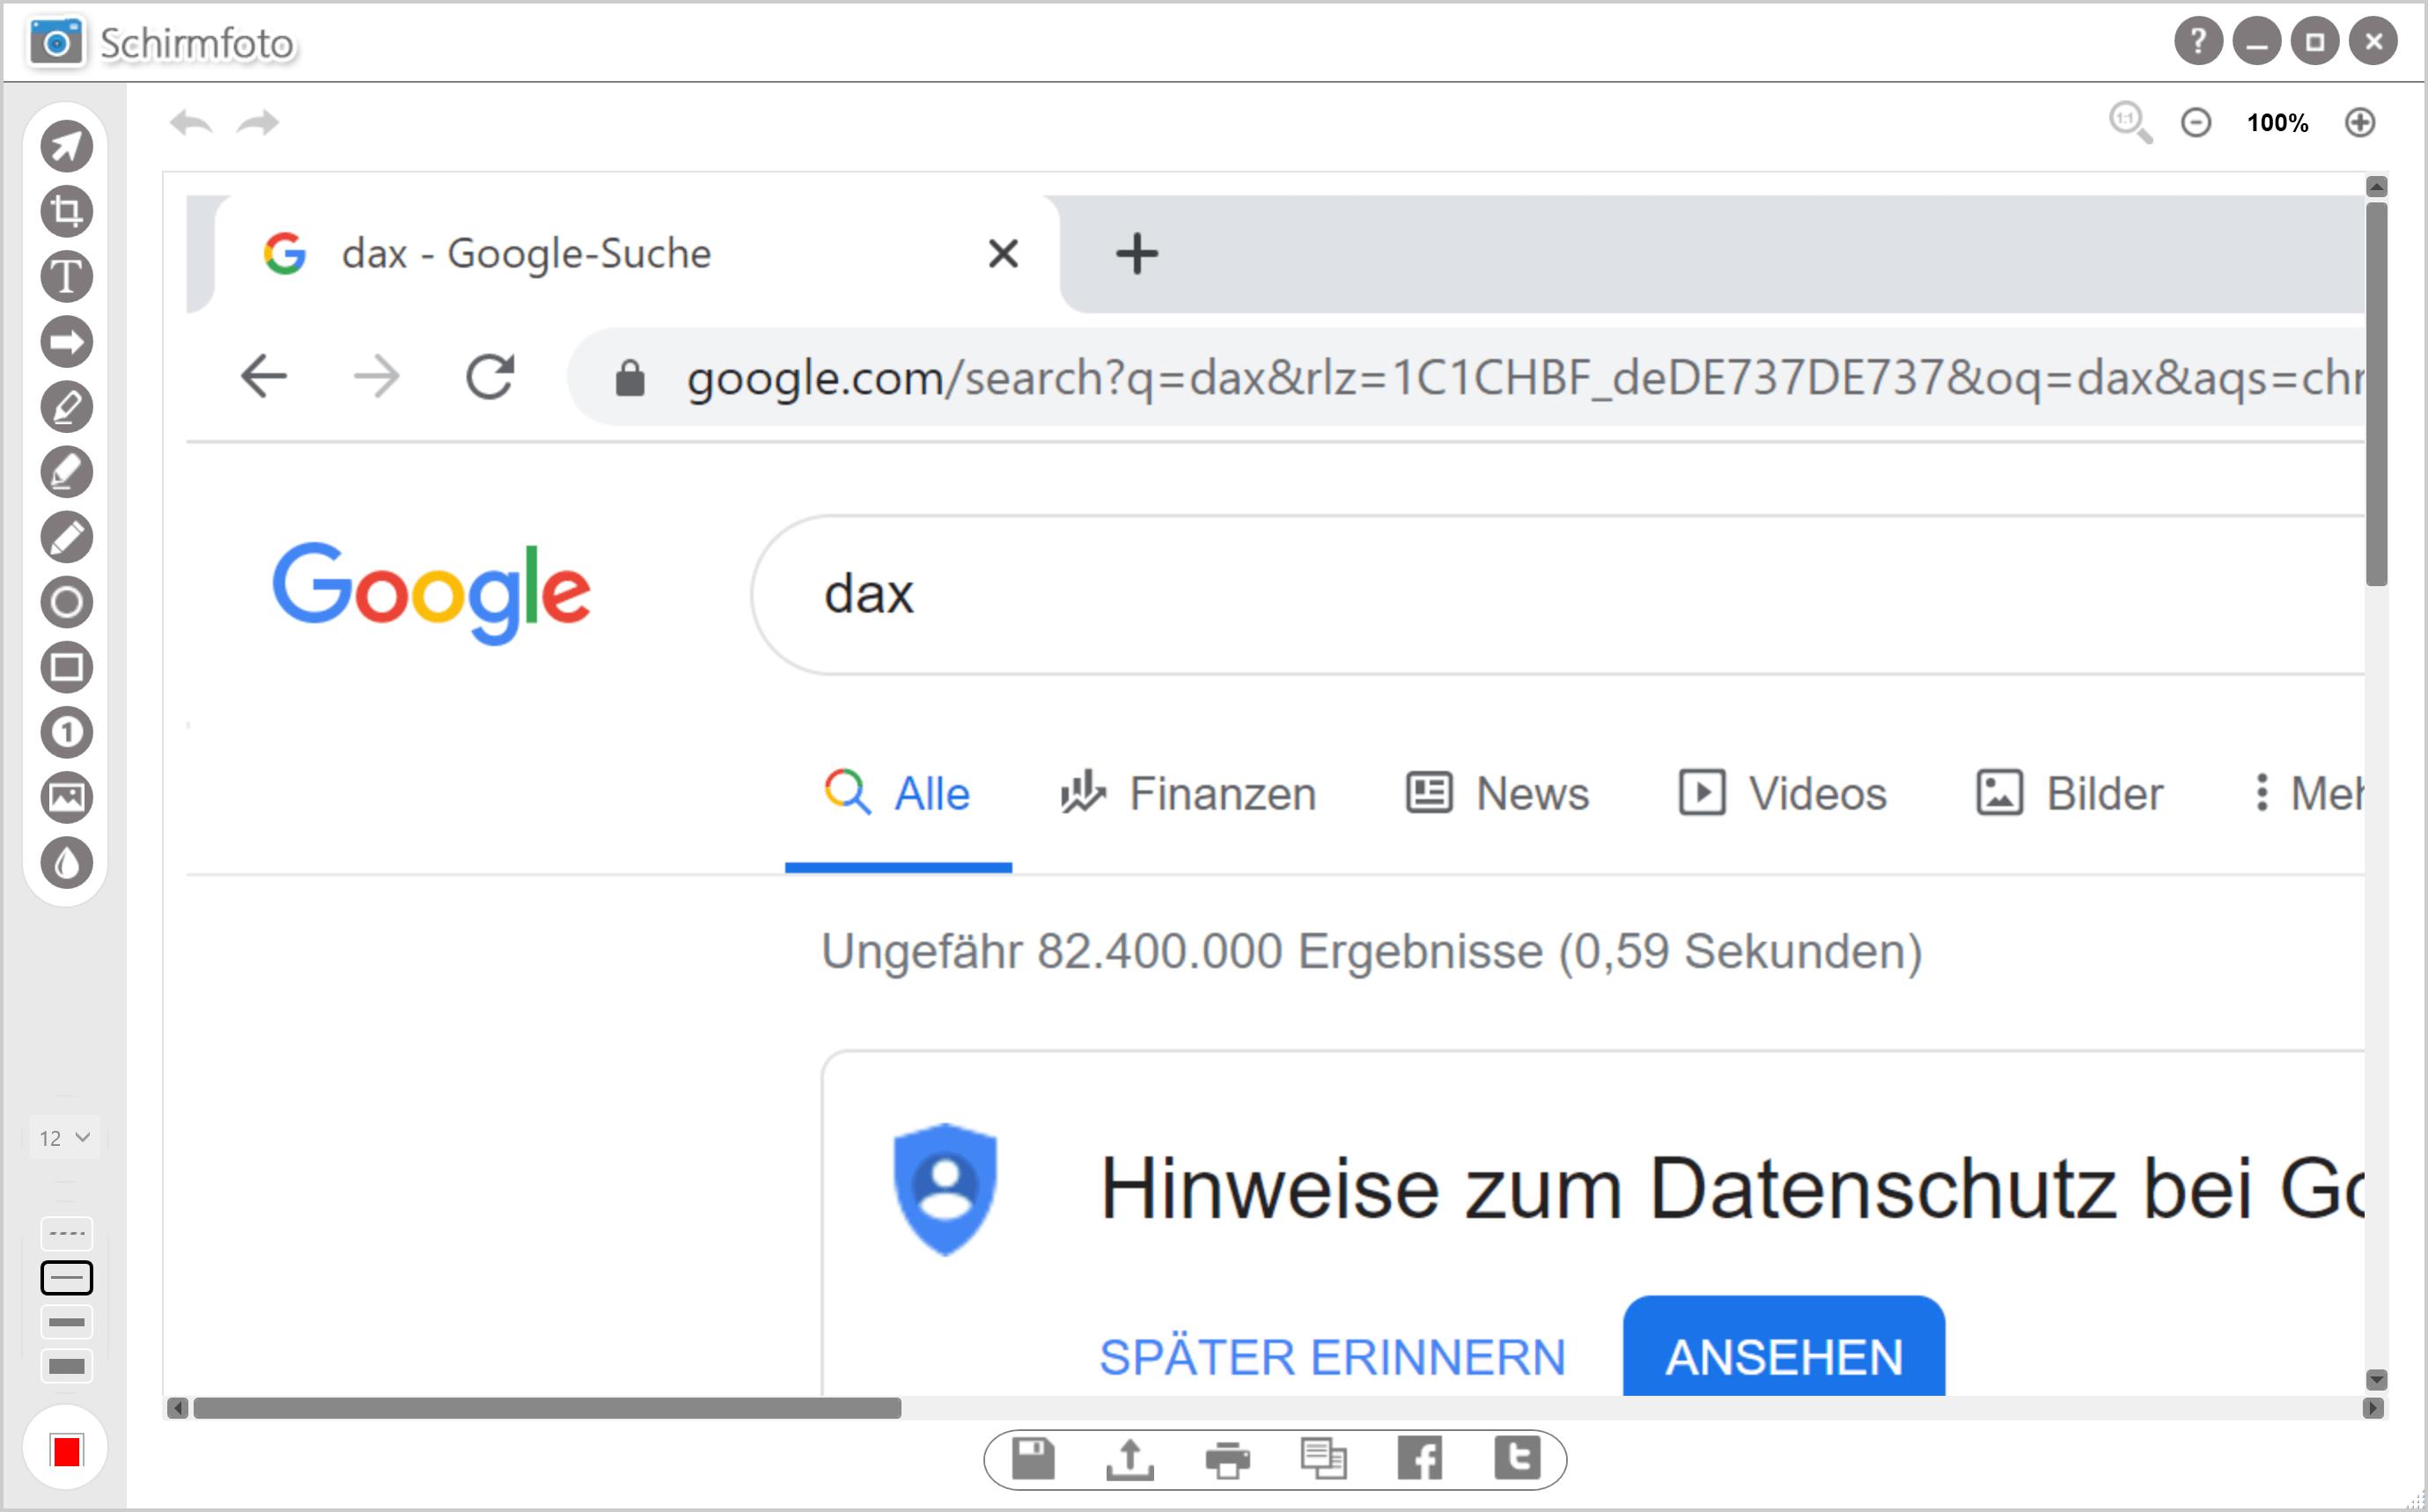 Screenshot ausdrucken - Screenshot erstellen